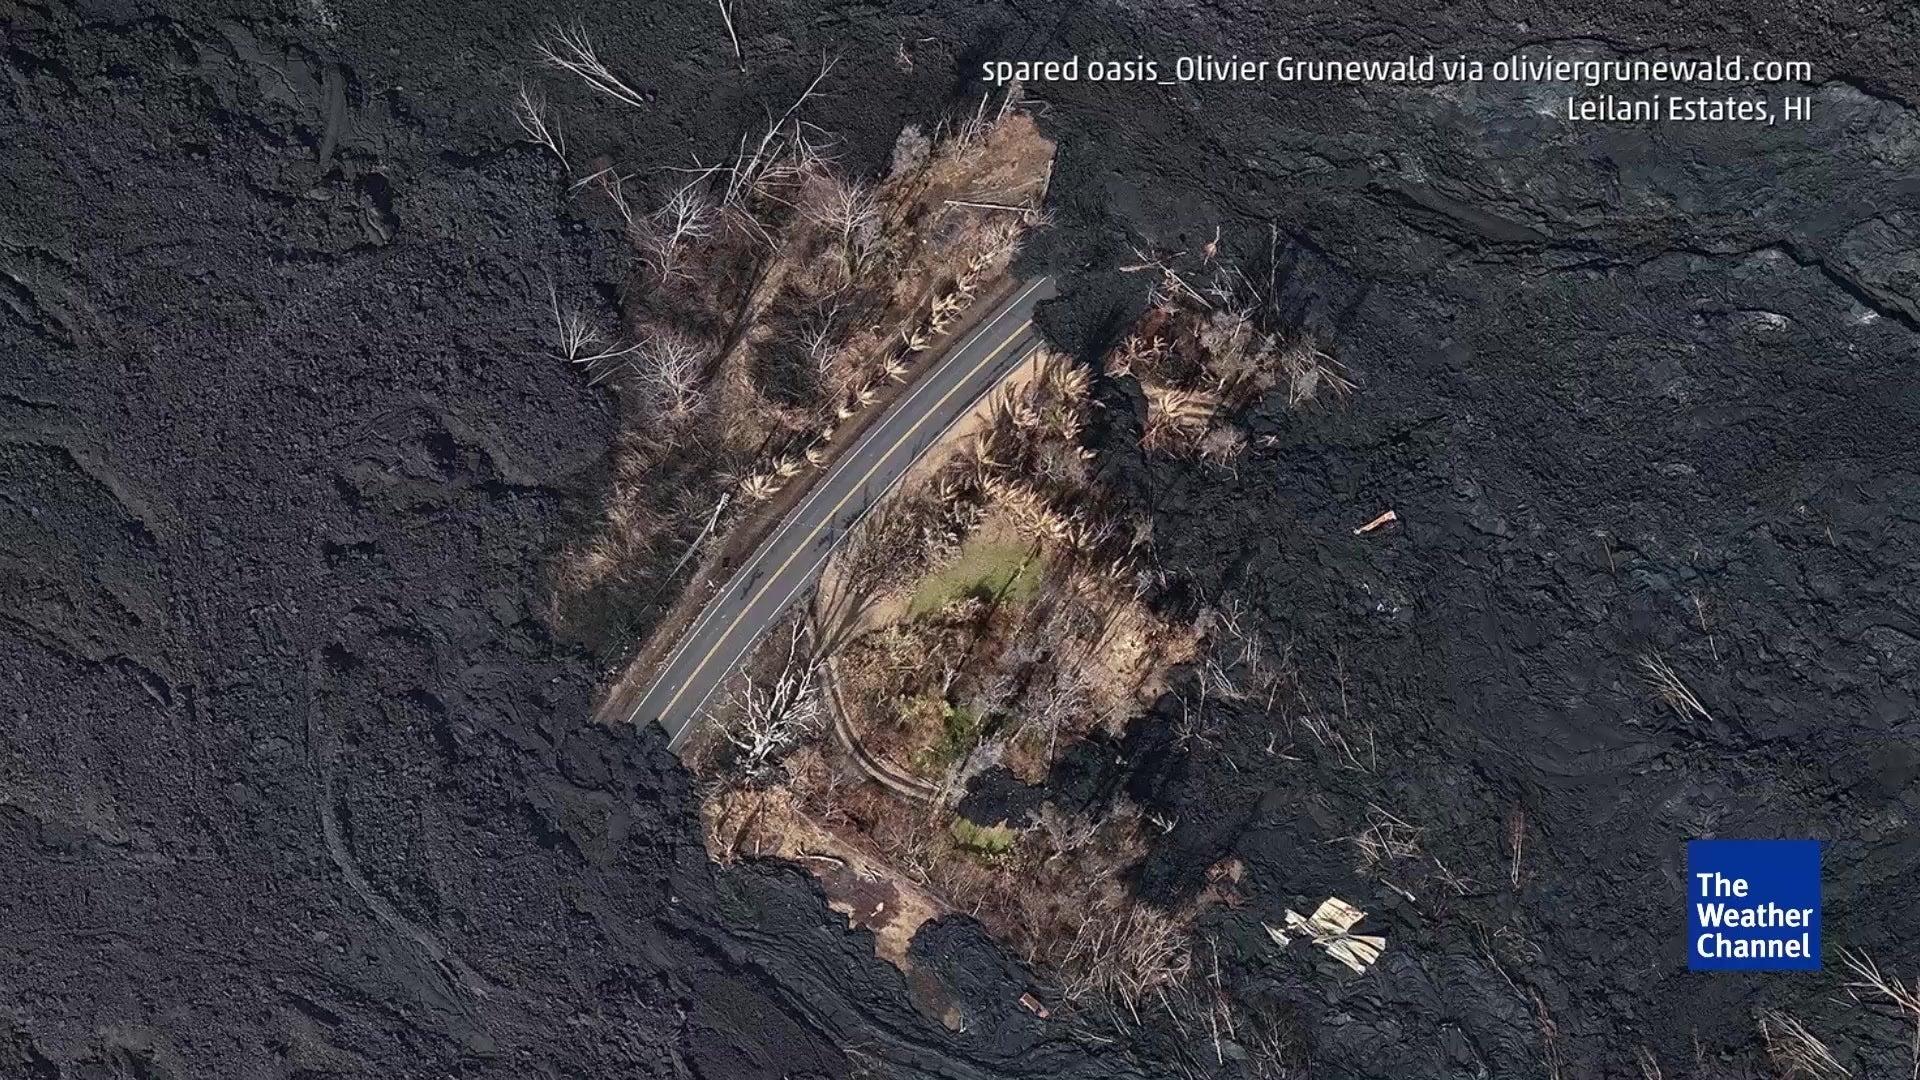 Faszinierende Bilder: Vegetationsinsel inmitten von Lavaströmen